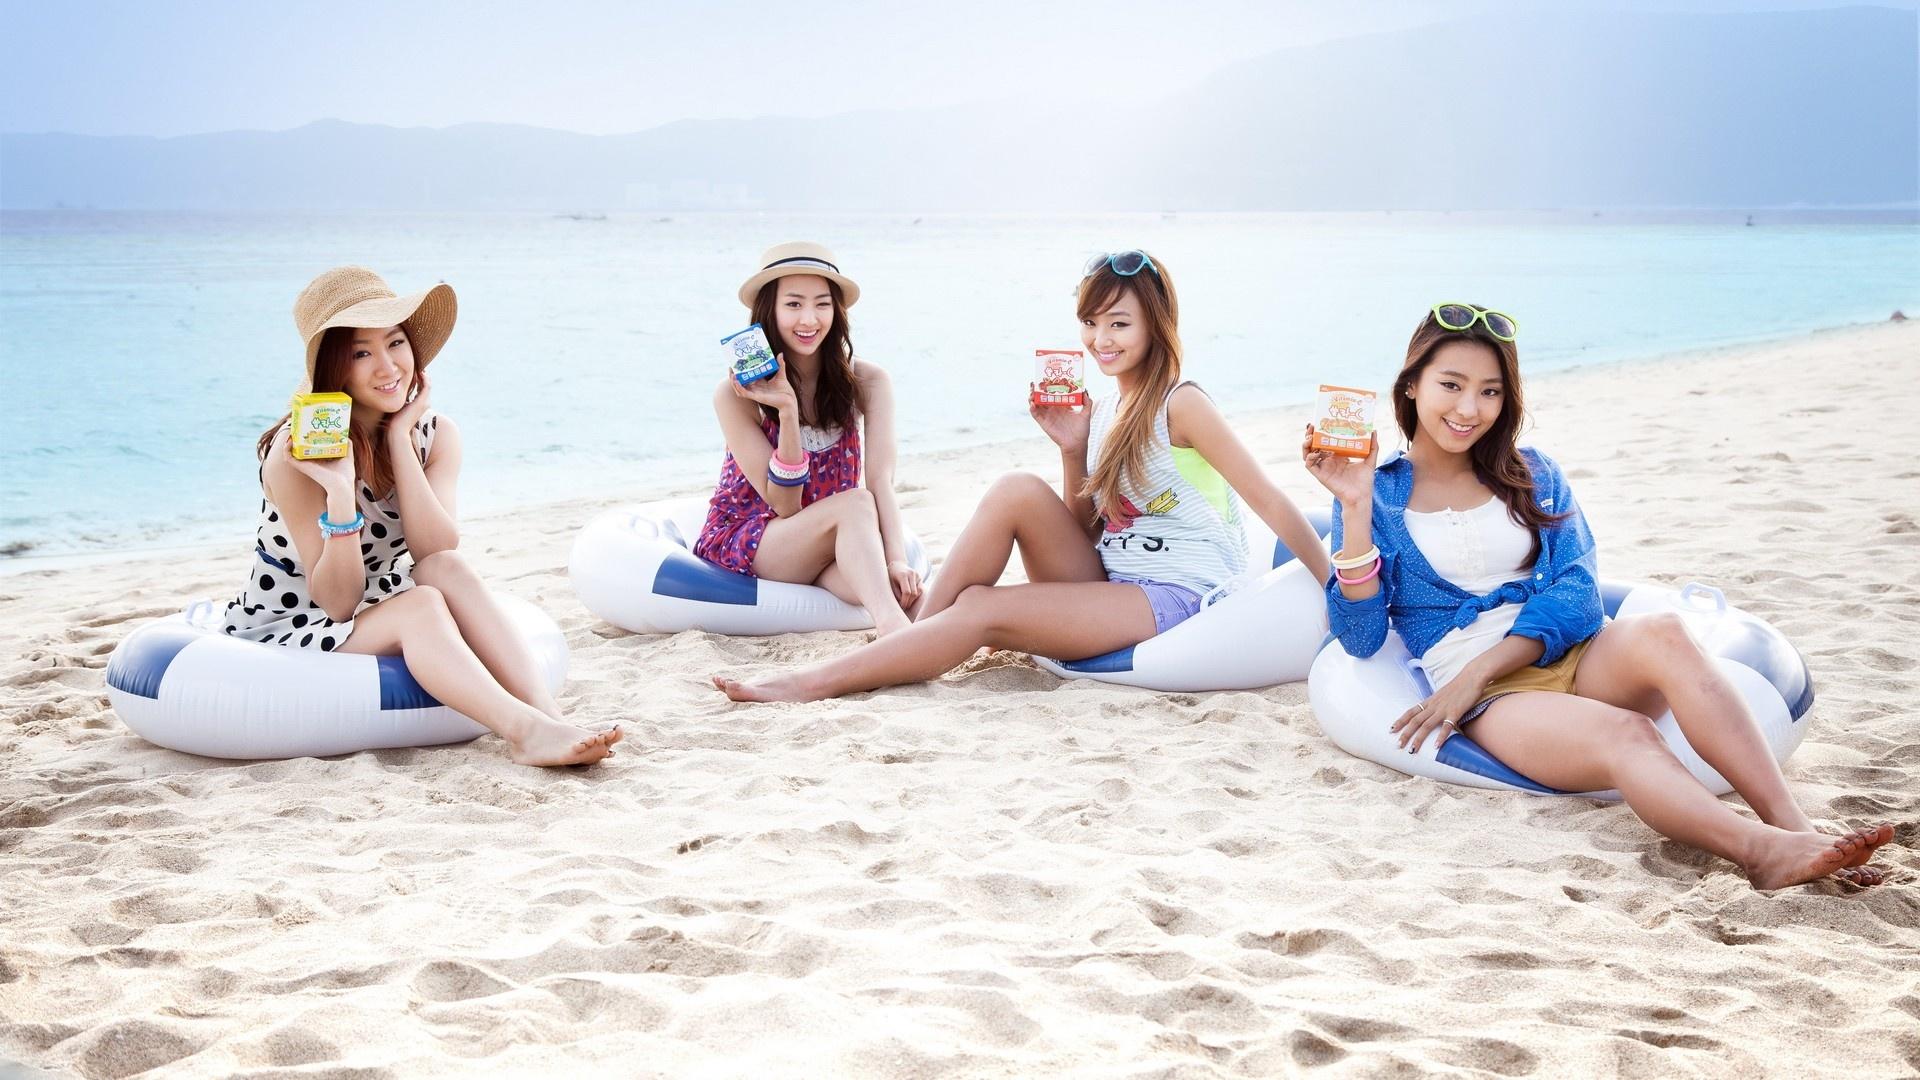 помнят корейские модели на пляже хотел